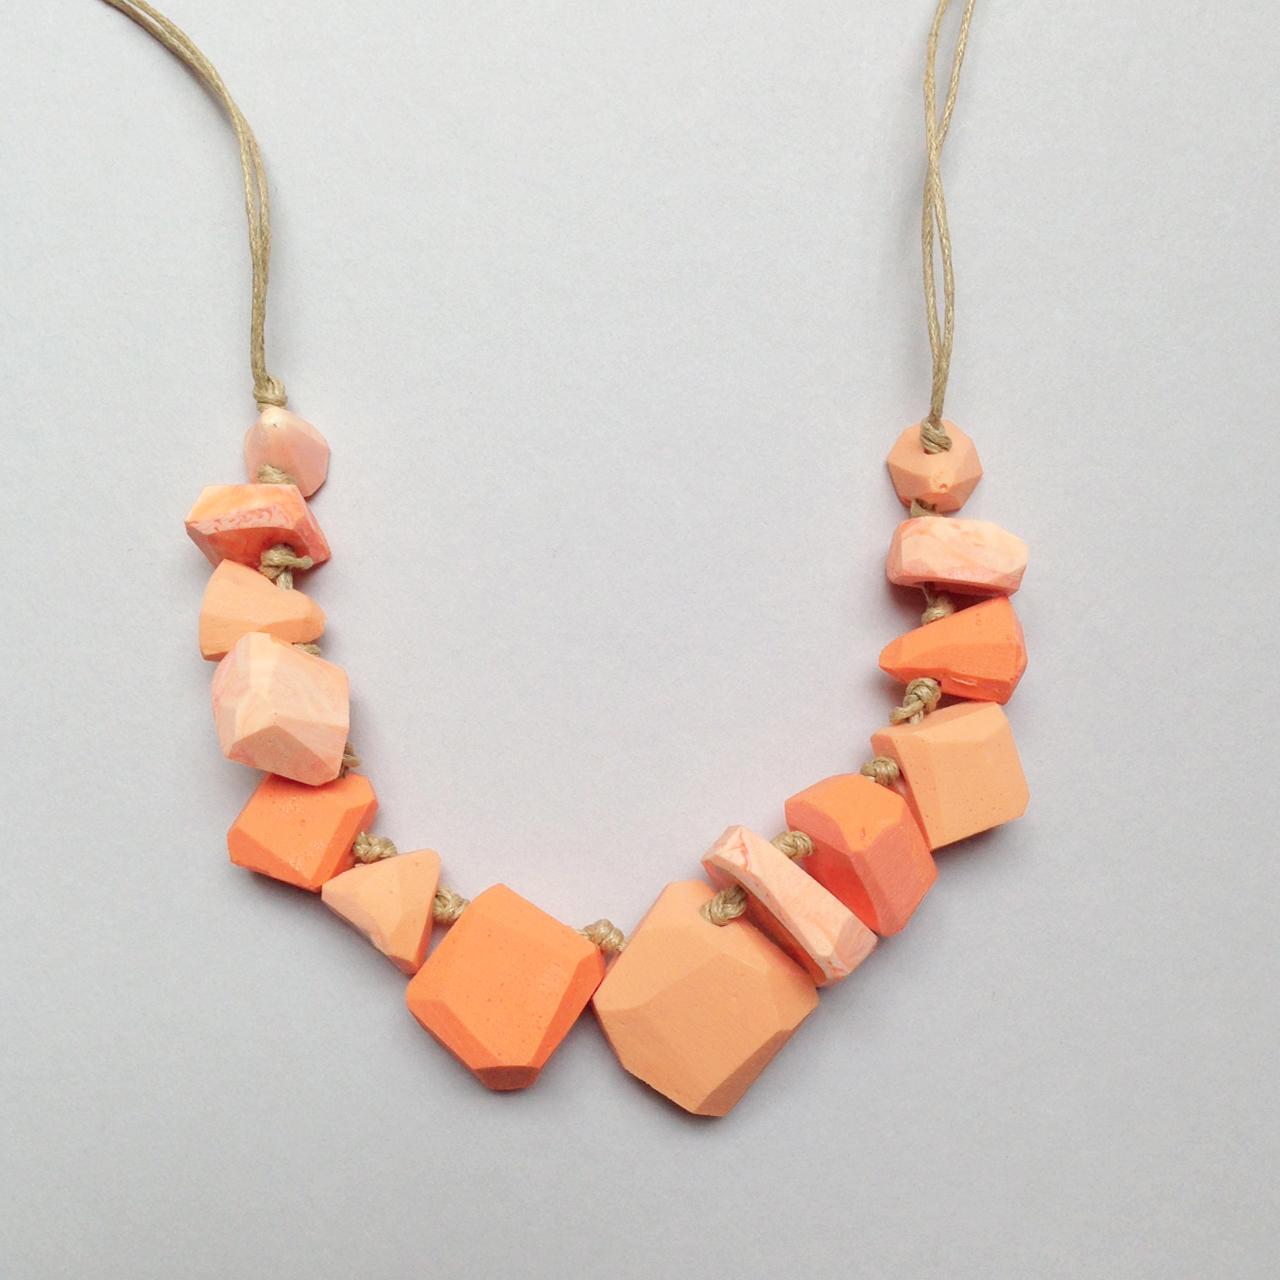 erica sandgren handmade resin necklace falling for florin